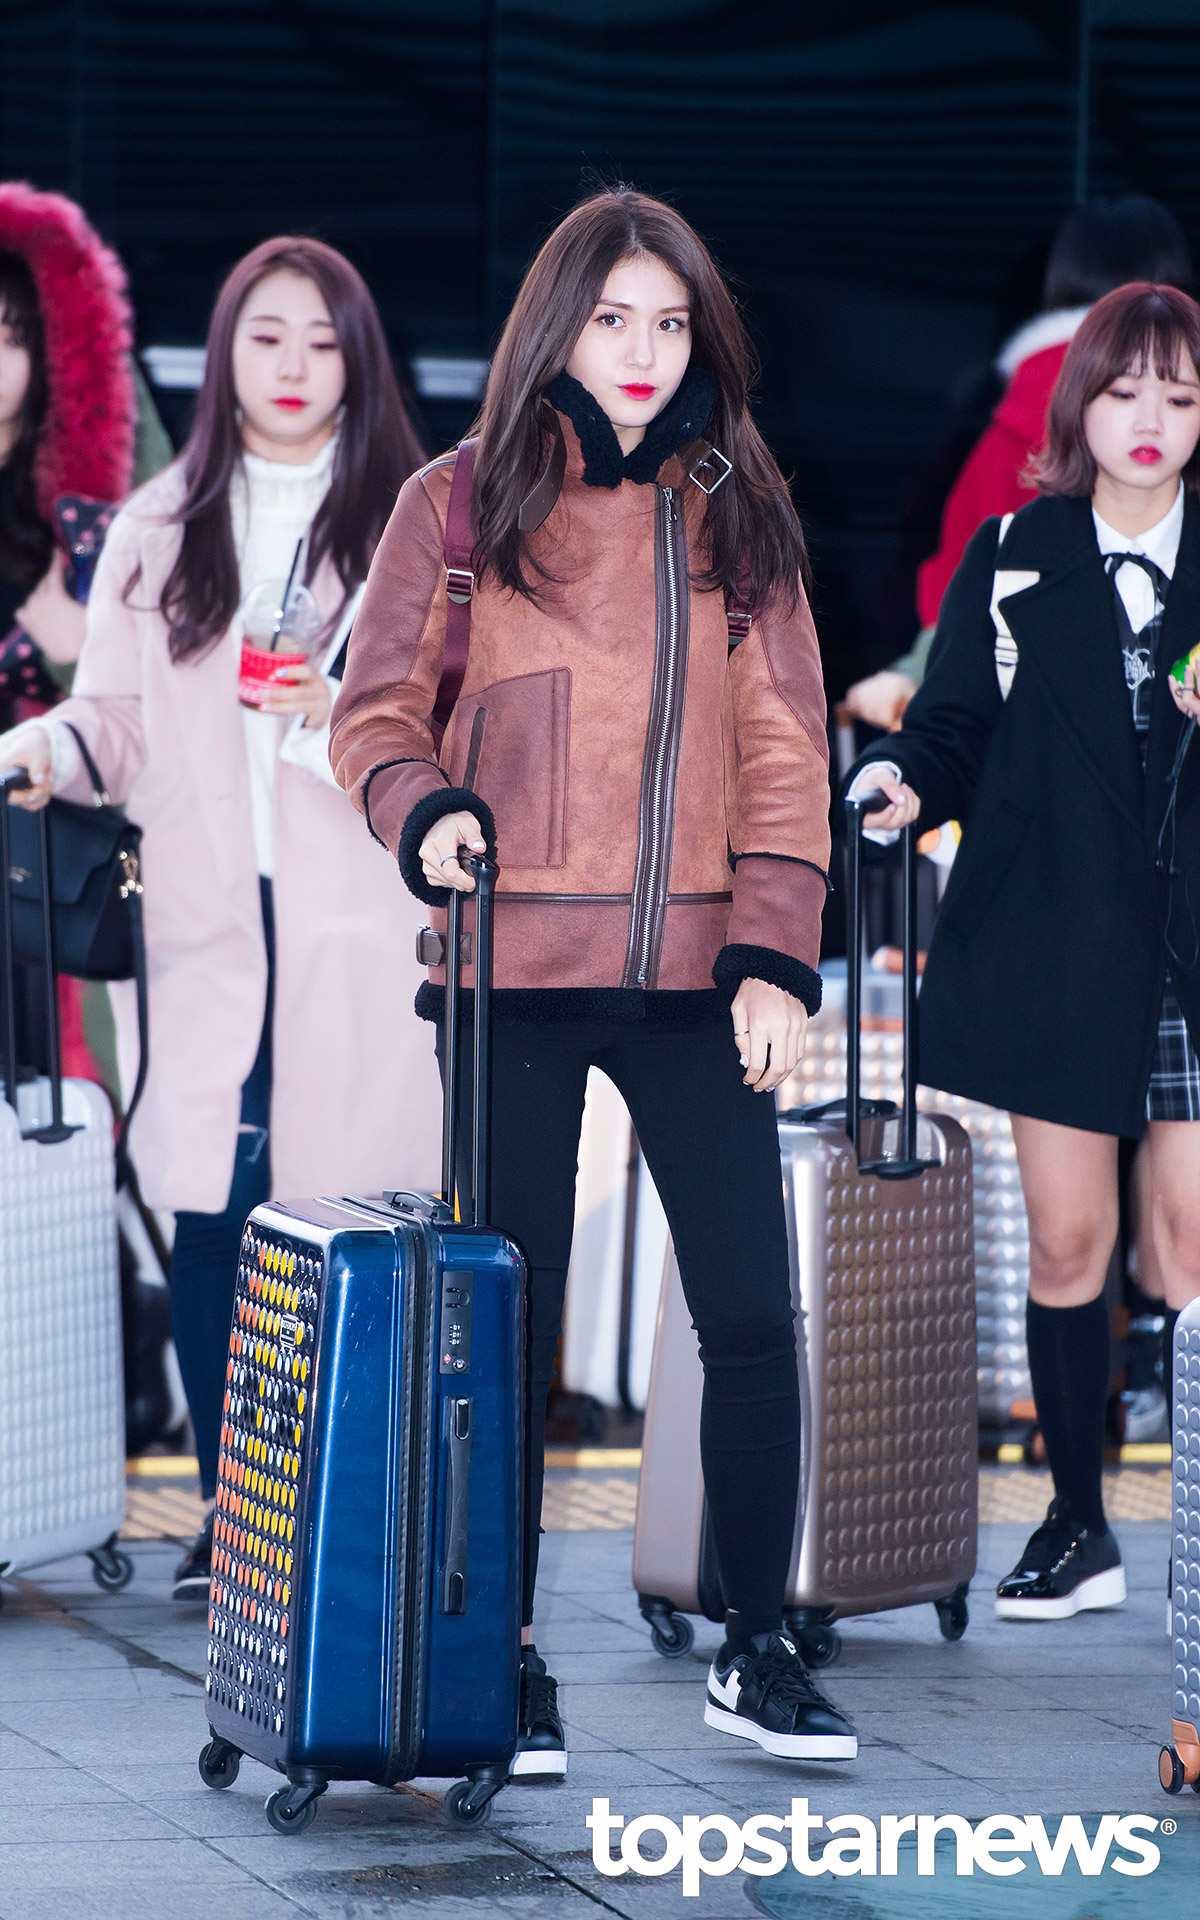 Somi的拼貼皮外套摩登少女自己很想入手一件啊~簡單俐落的打扮是年輕女孩可以參考的!